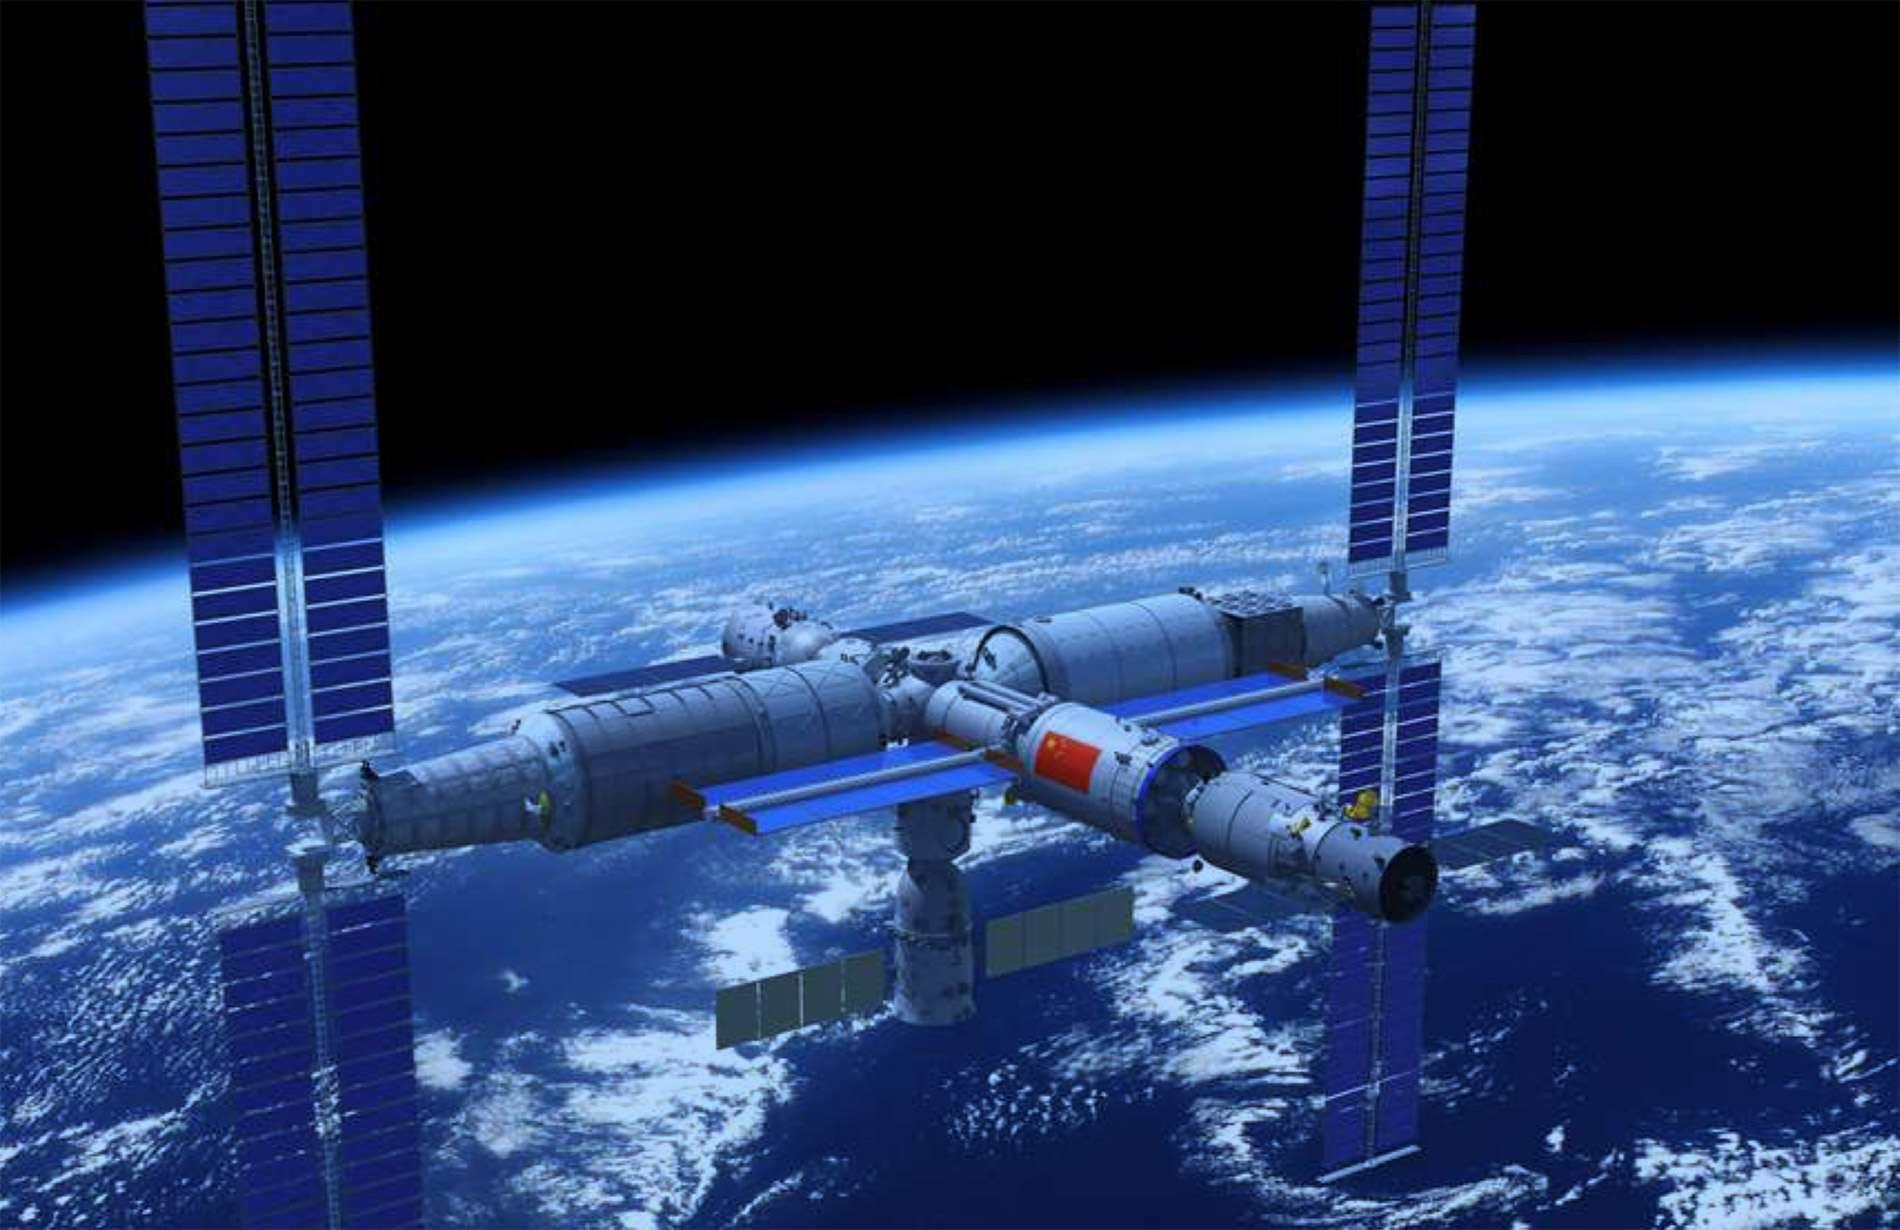 Le télescope sera amarré à la future station spatiale chinoise Tiangong. © CNSA